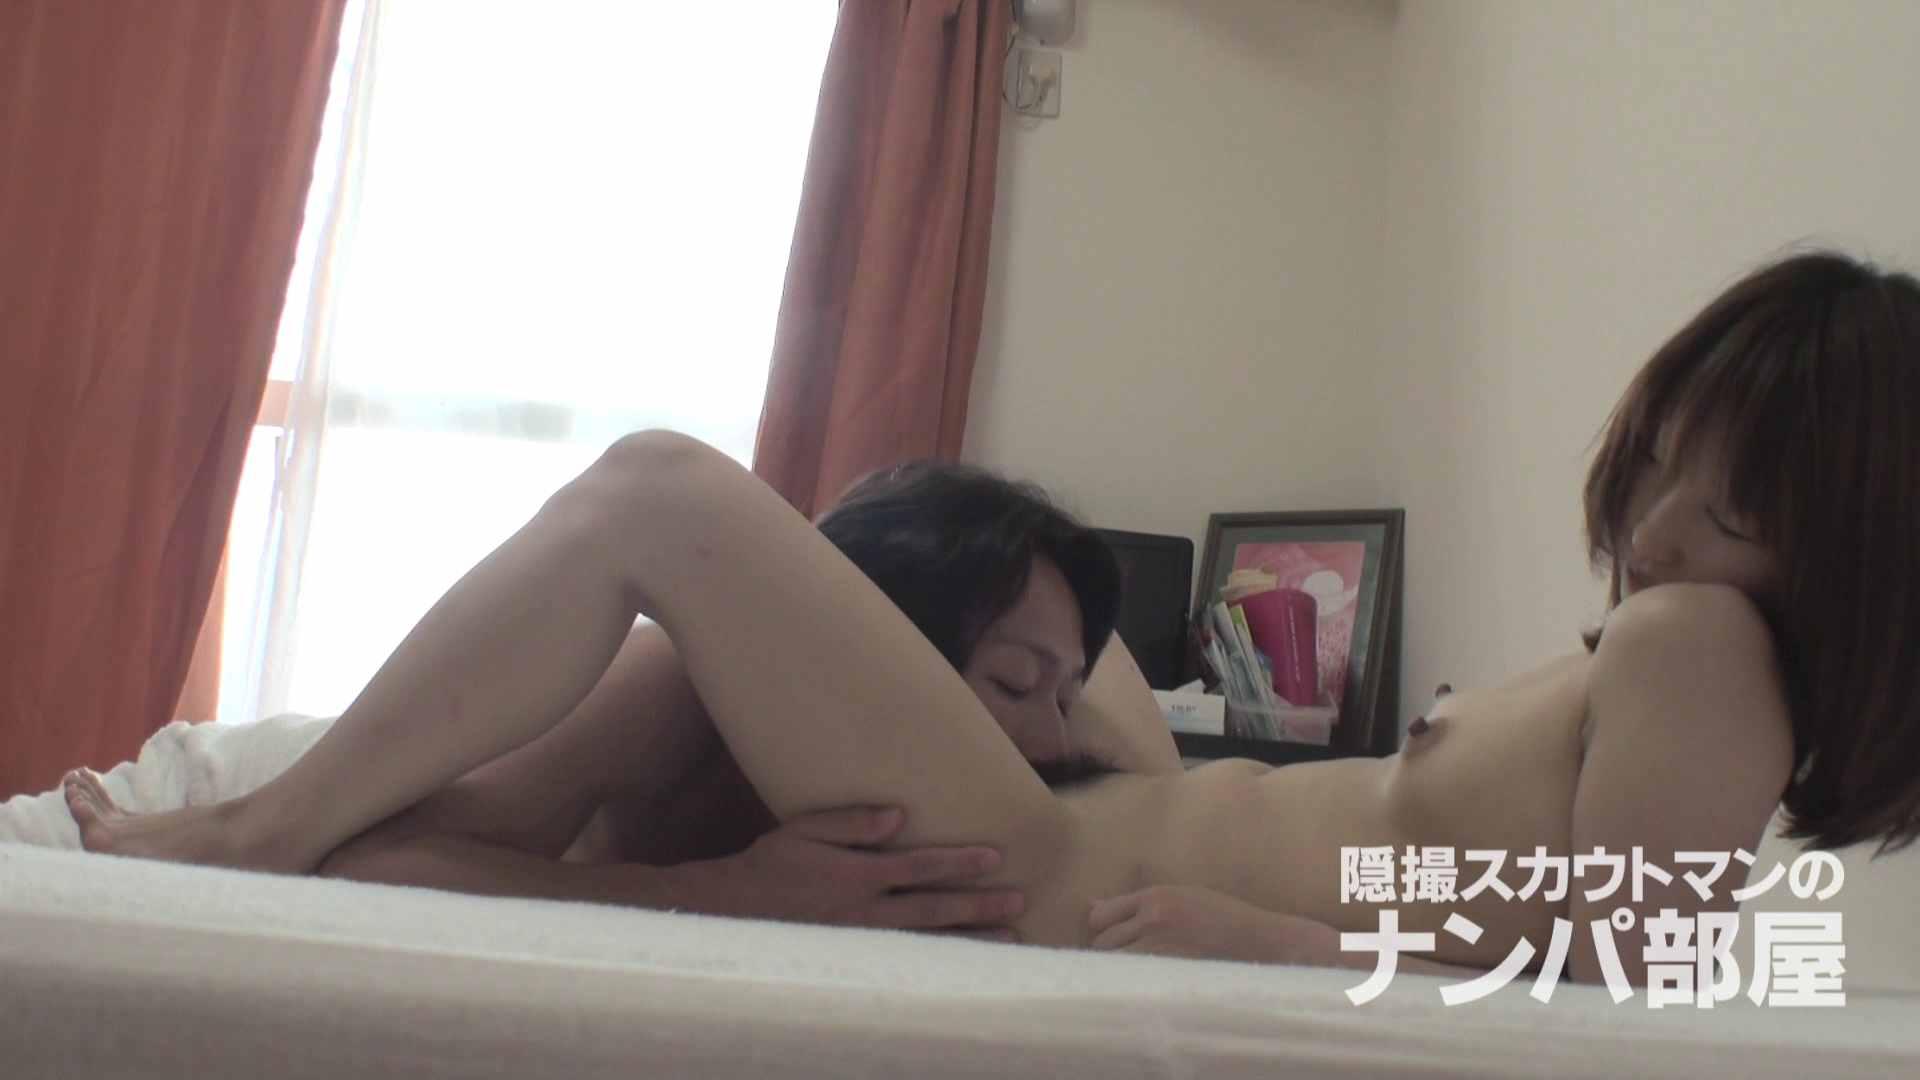 隠撮スカウトマンのナンパ部屋~風俗デビュー前のつまみ食い~ sii 隠撮   ナンパ  98pic 85